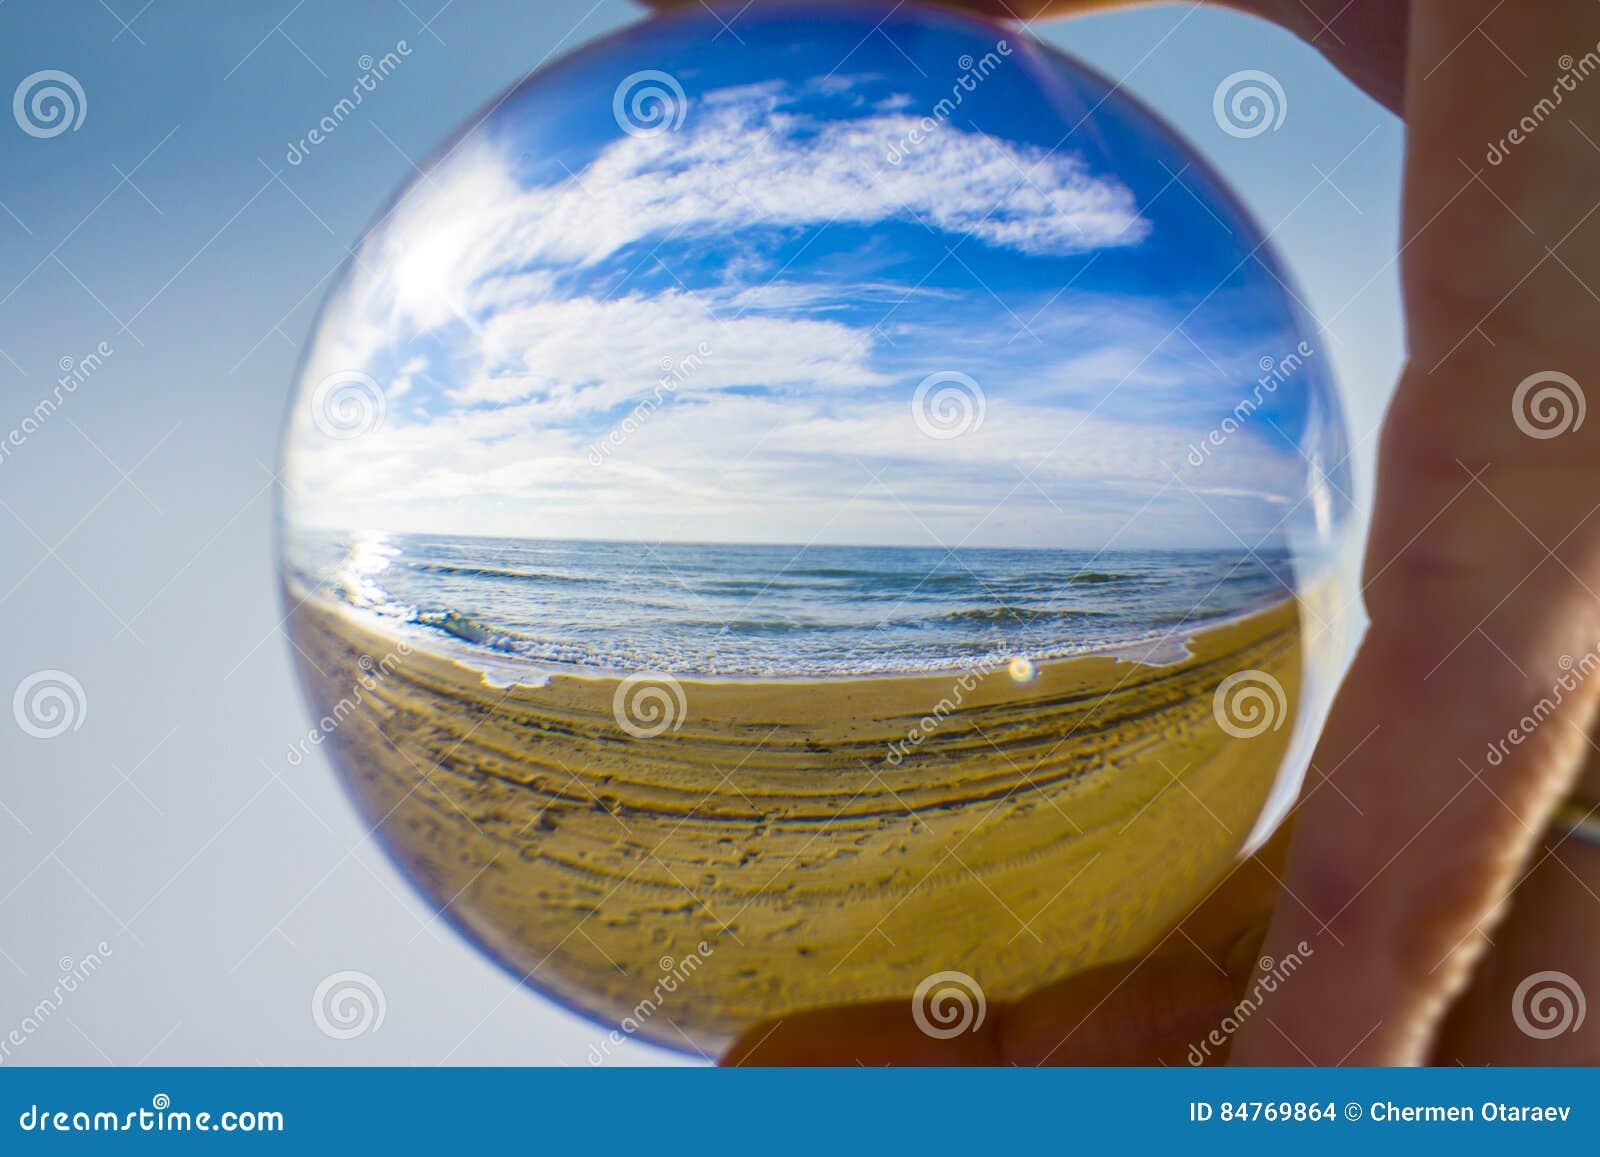 Abstrakter Hintergrund Das Schicksal der Planet Erde in den menschlichen Händen